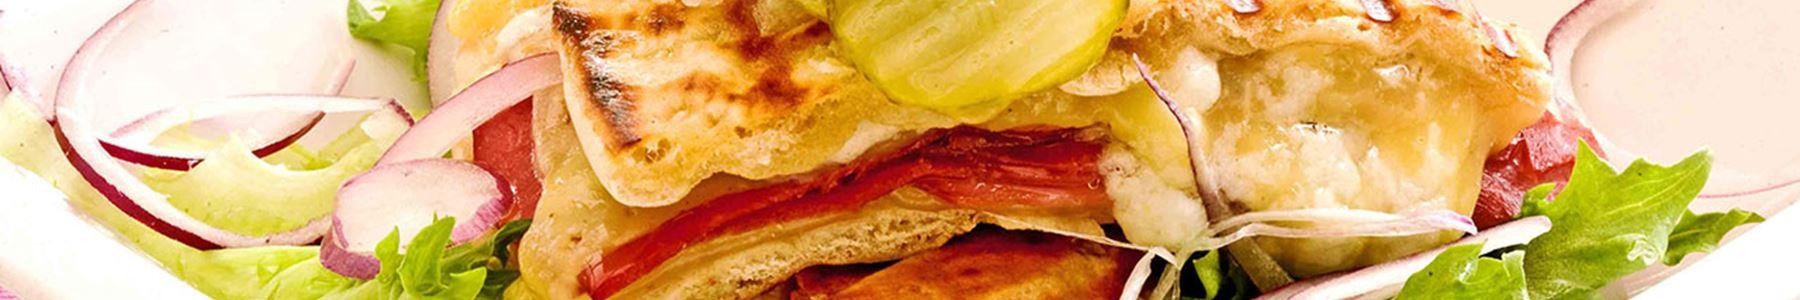 Gurka + Grill + Smörgås